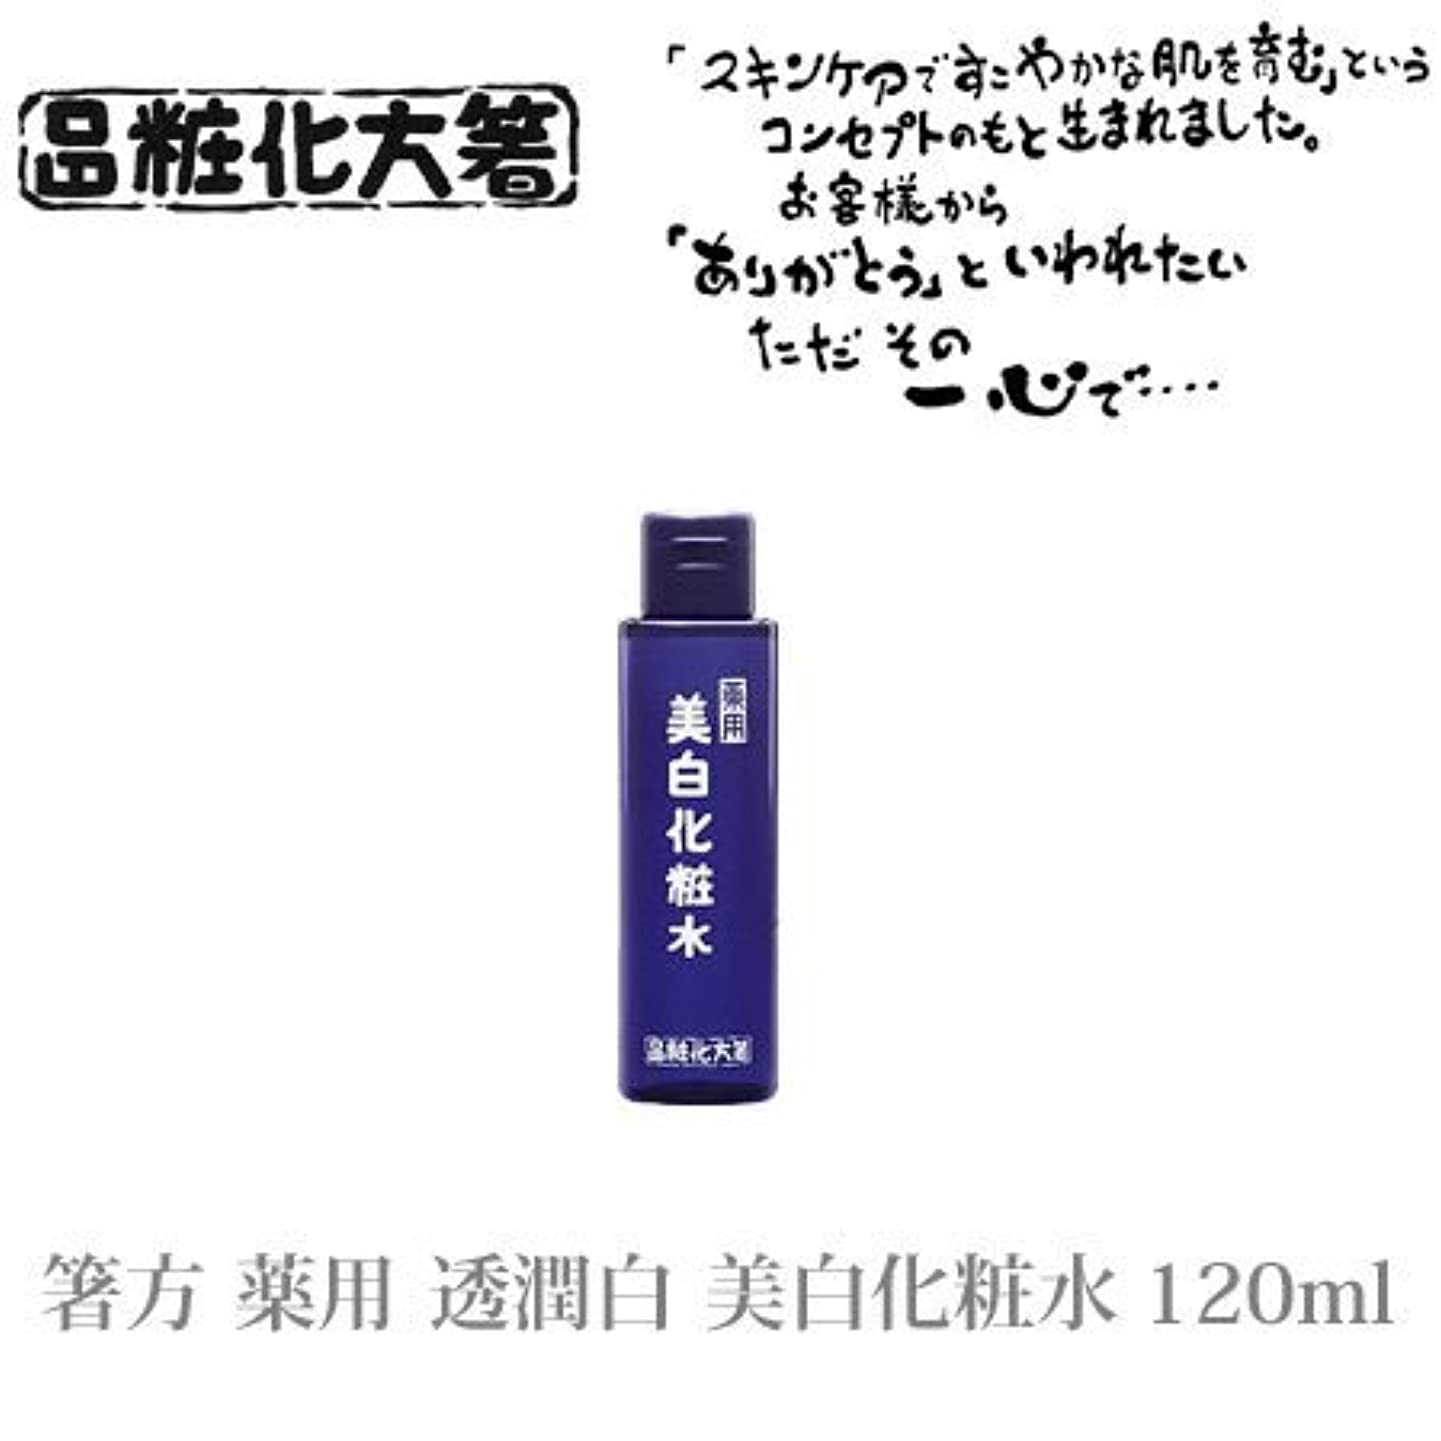 タヒチ異常な流体箸方化粧品 薬用 透潤白 美白化粧水 120ml はしかた化粧品